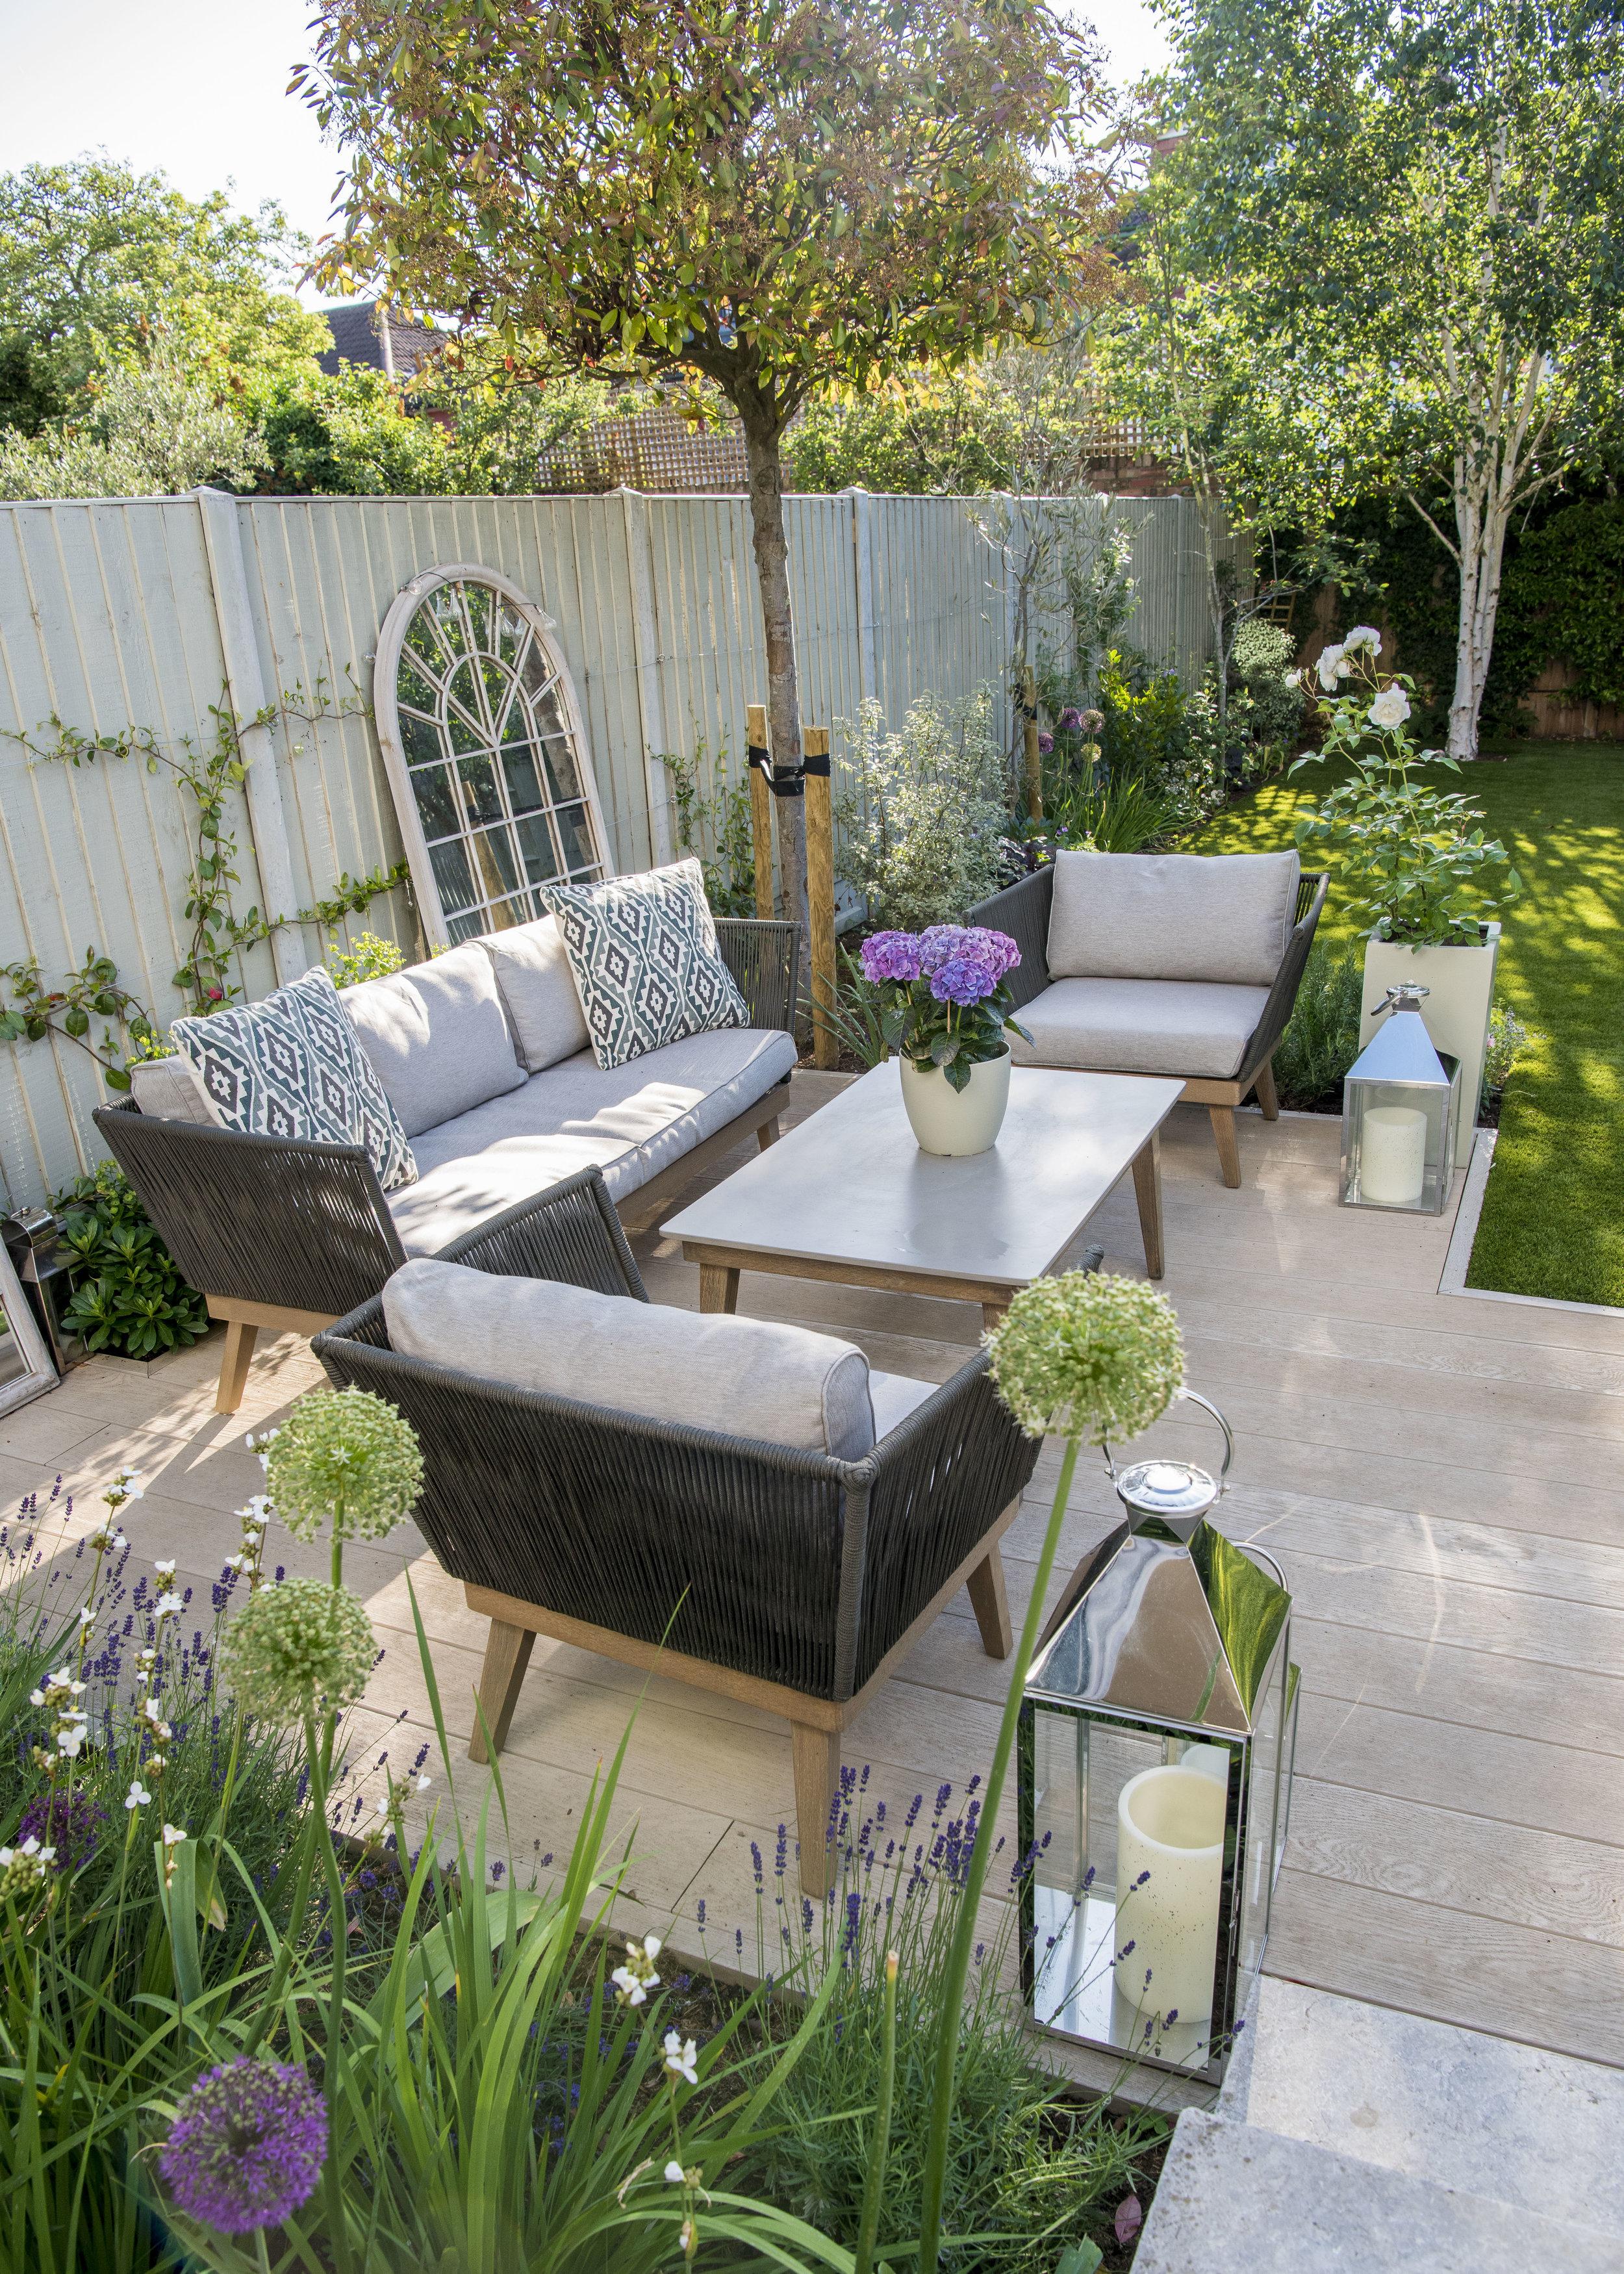 Joanna_Archer_Garden_Design_sun_terrace3.jpg